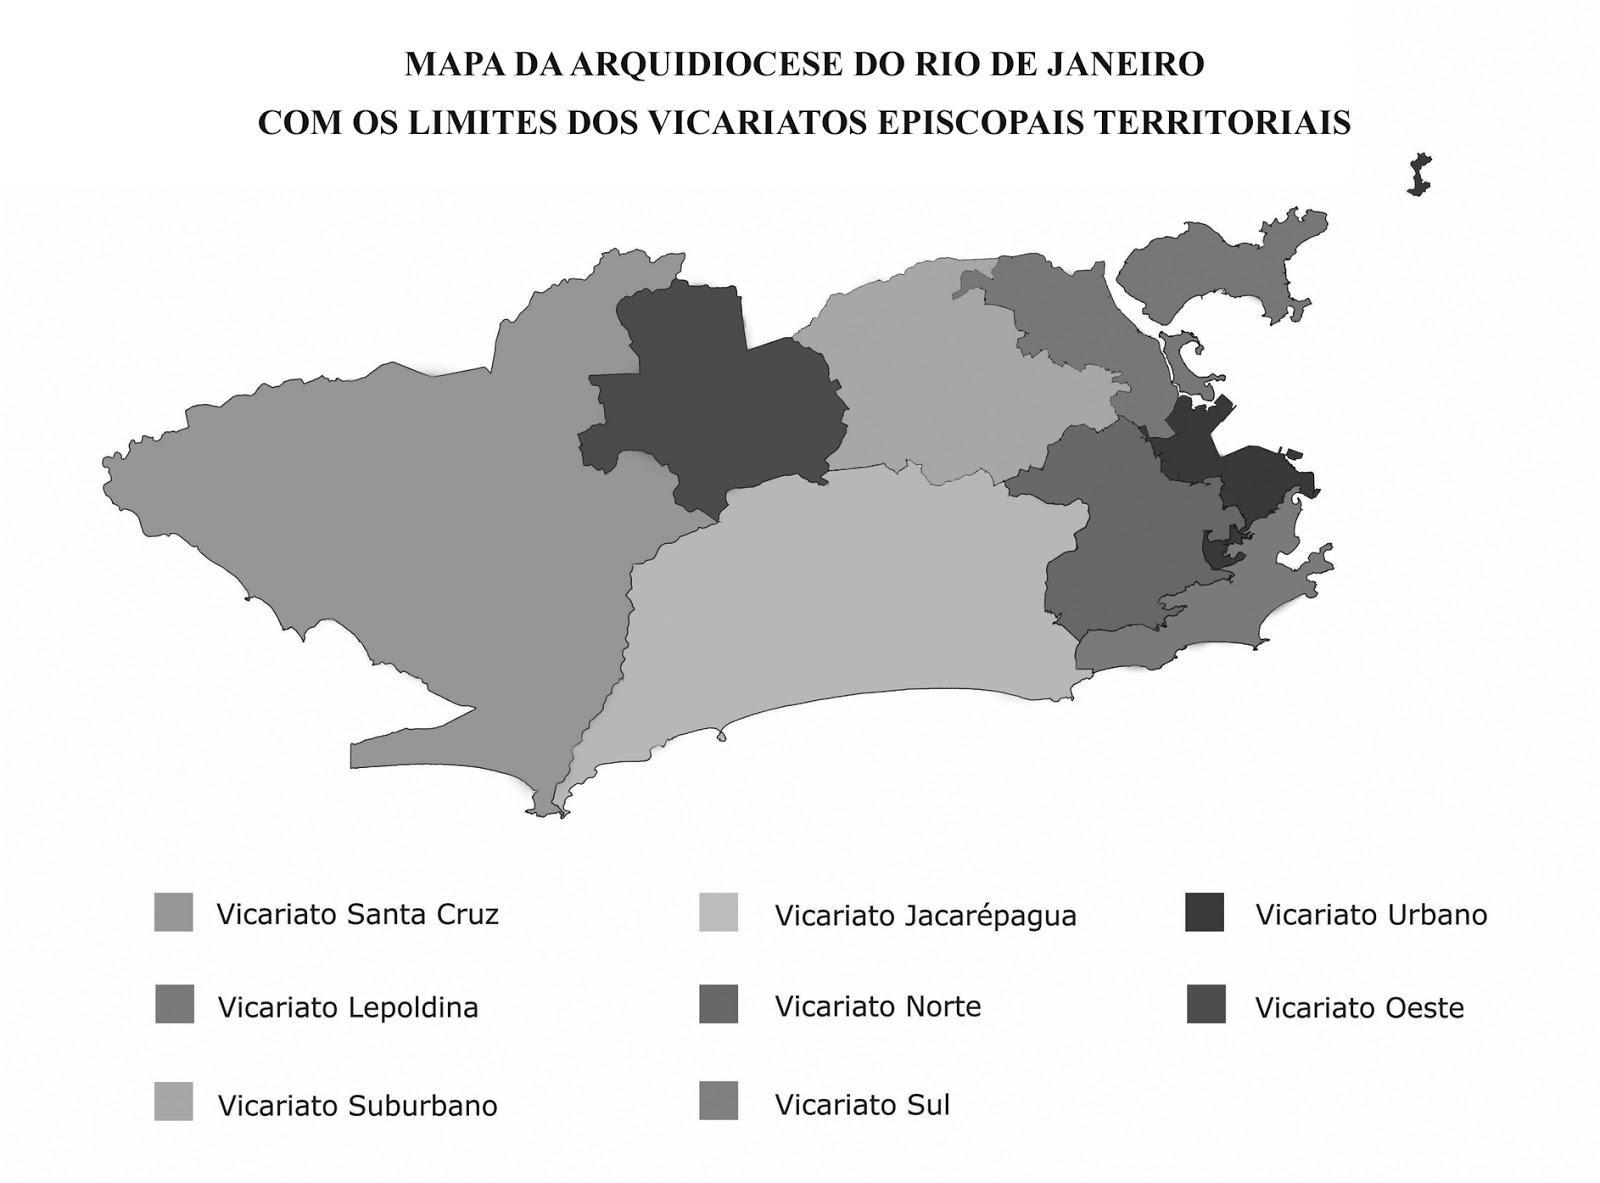 VICARIATOS DA ARQUIDIOCESE DO RIO DE JANEIRO